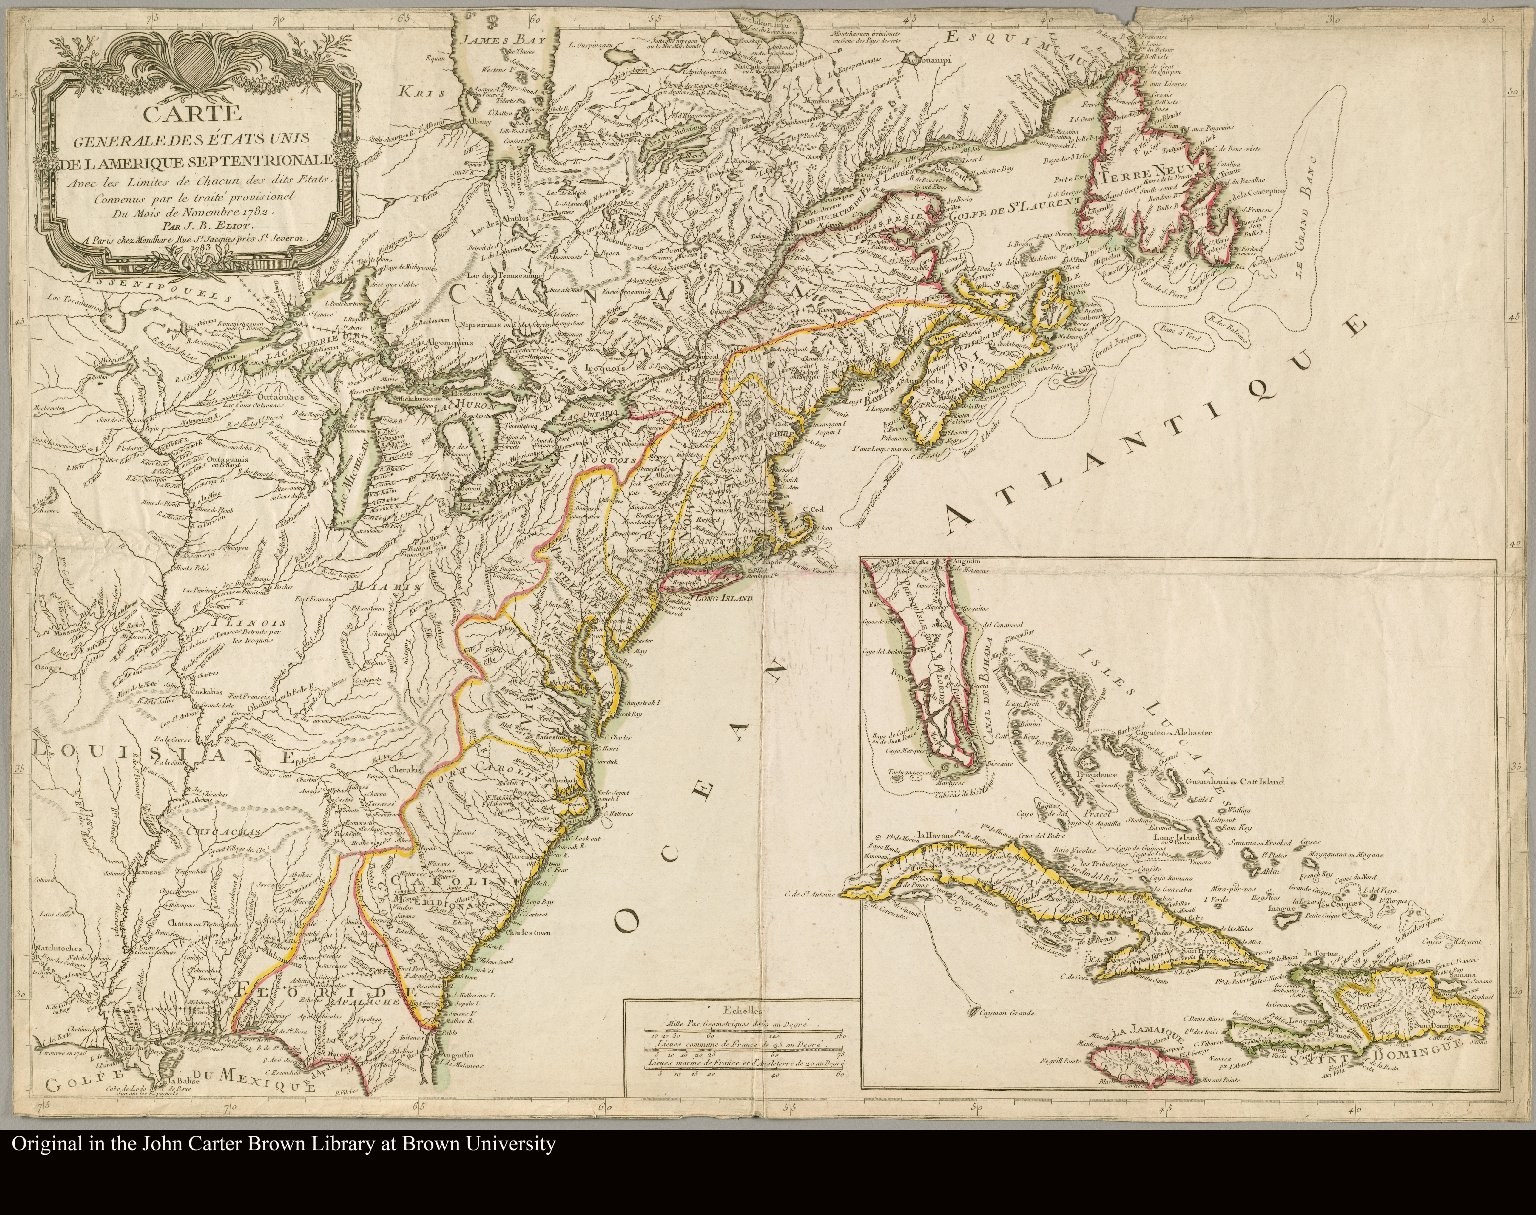 Carte generale des États Unis de l'Amerique Septentrionale avec les limites de chacun des dits Etats, convenus par le traité provisional du mois de novembre 1782 Par J.B. Eliot